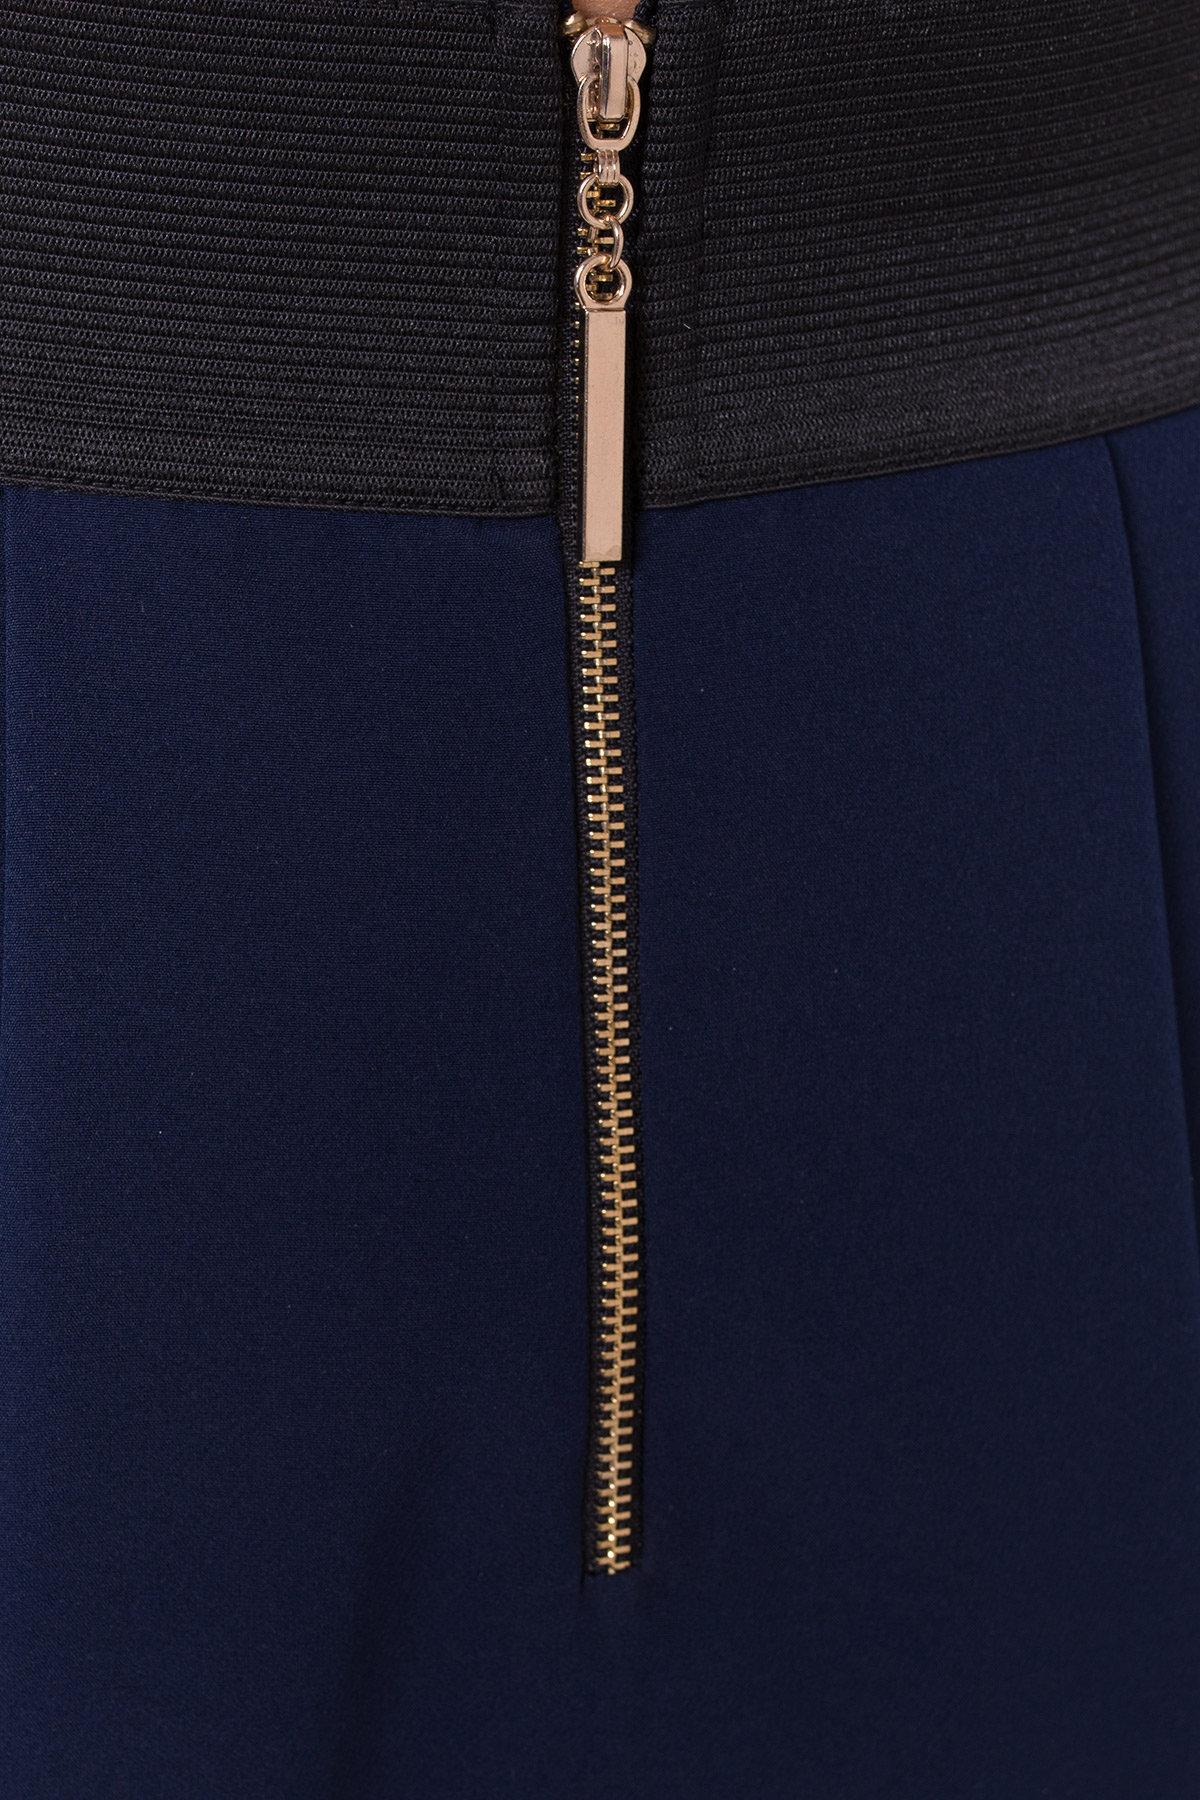 Юбка Хлое 3239 Цвет: Темно-синий